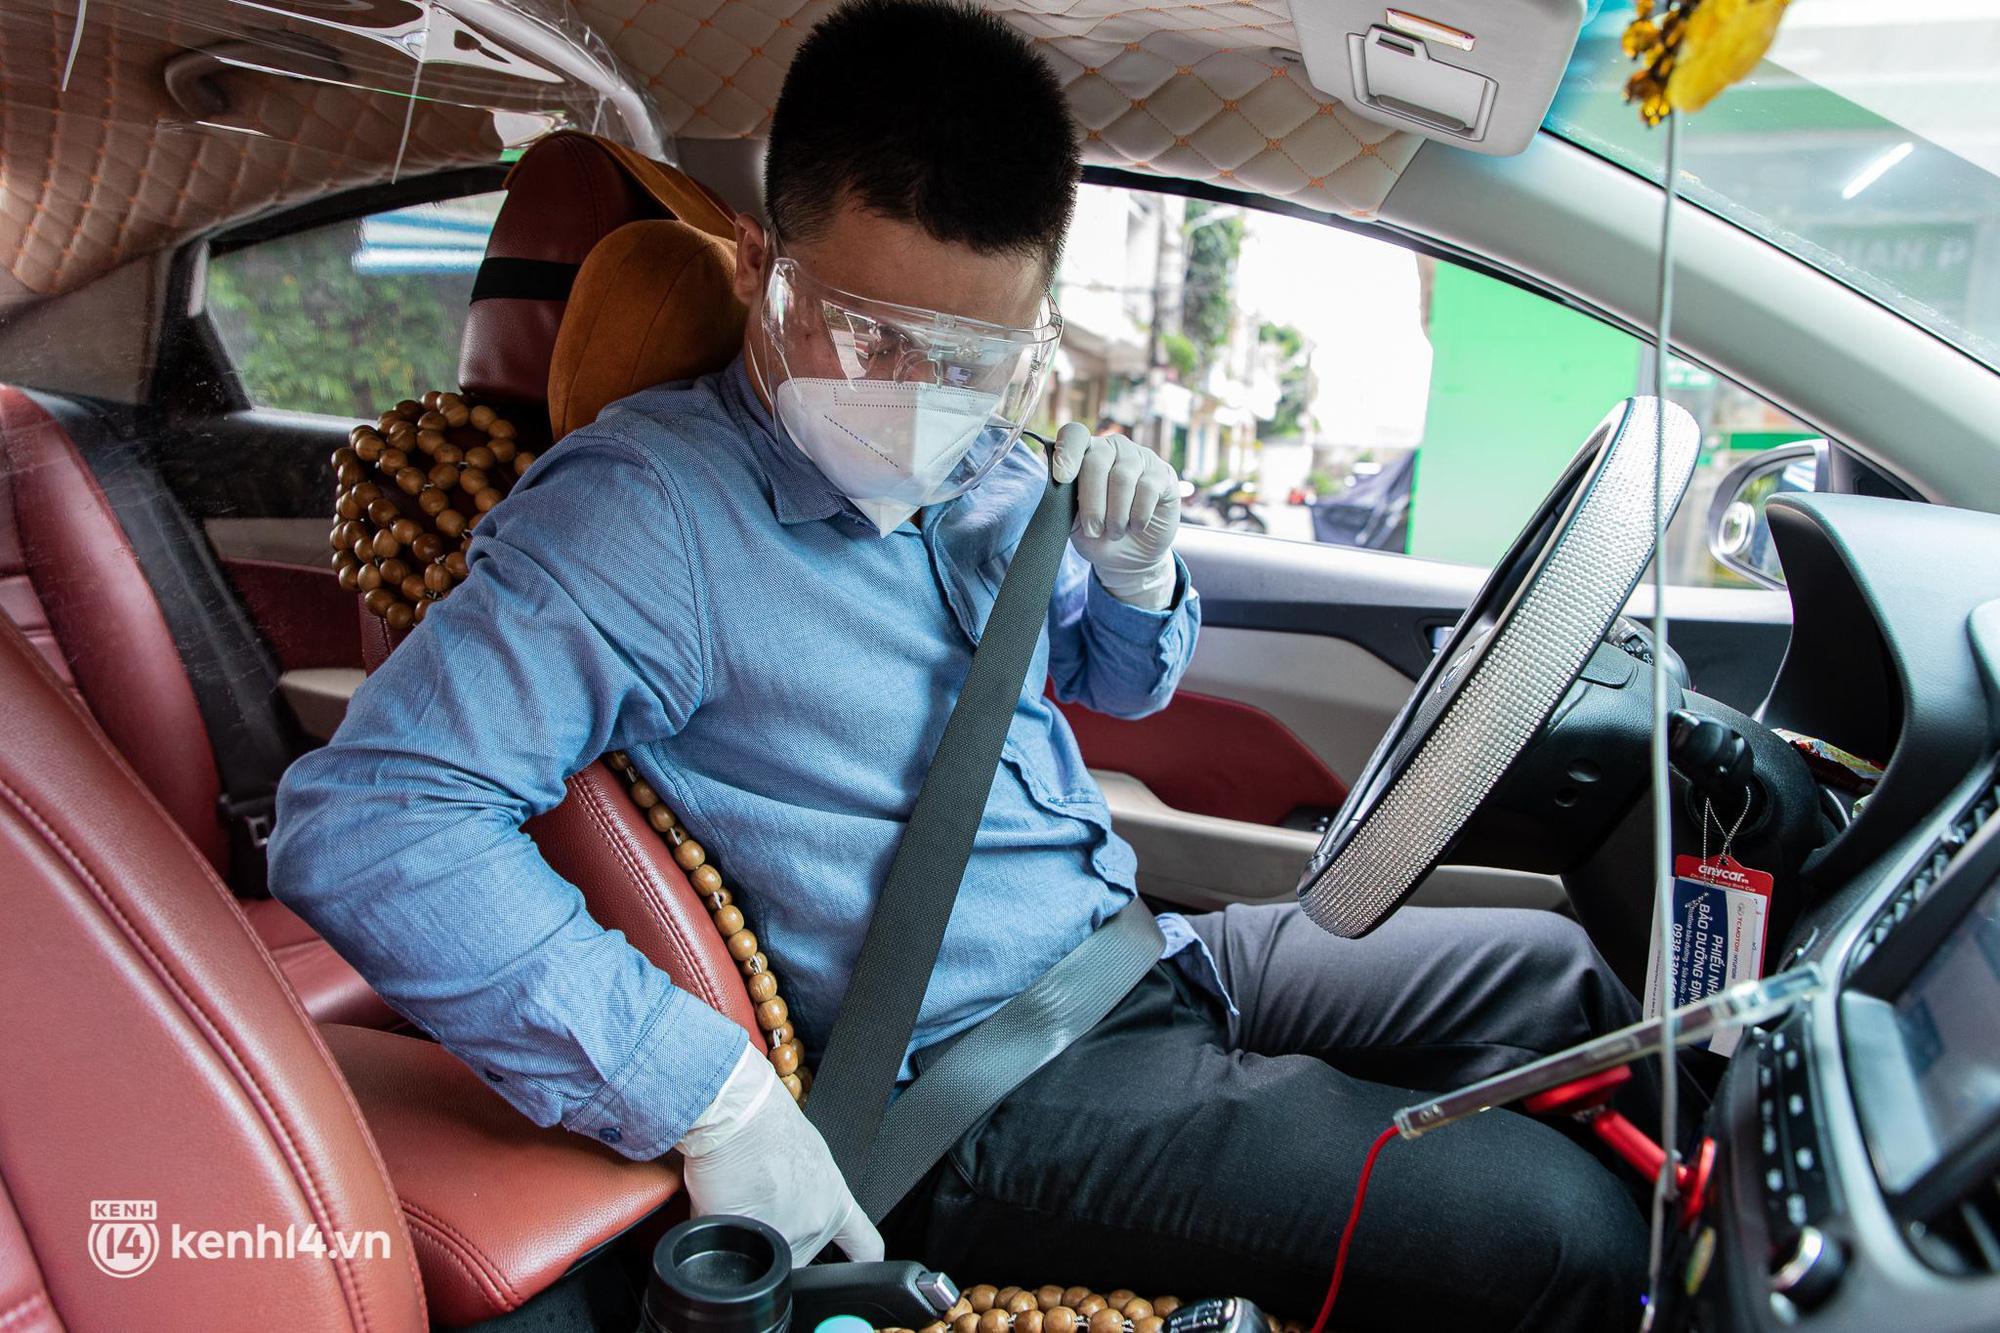 Sài Gòn nới lỏng giãn cách xã hội, bác tài phấn khởi ngày hoạt động trở lại với dịch vụ GrabCar Protect - Ảnh 10.